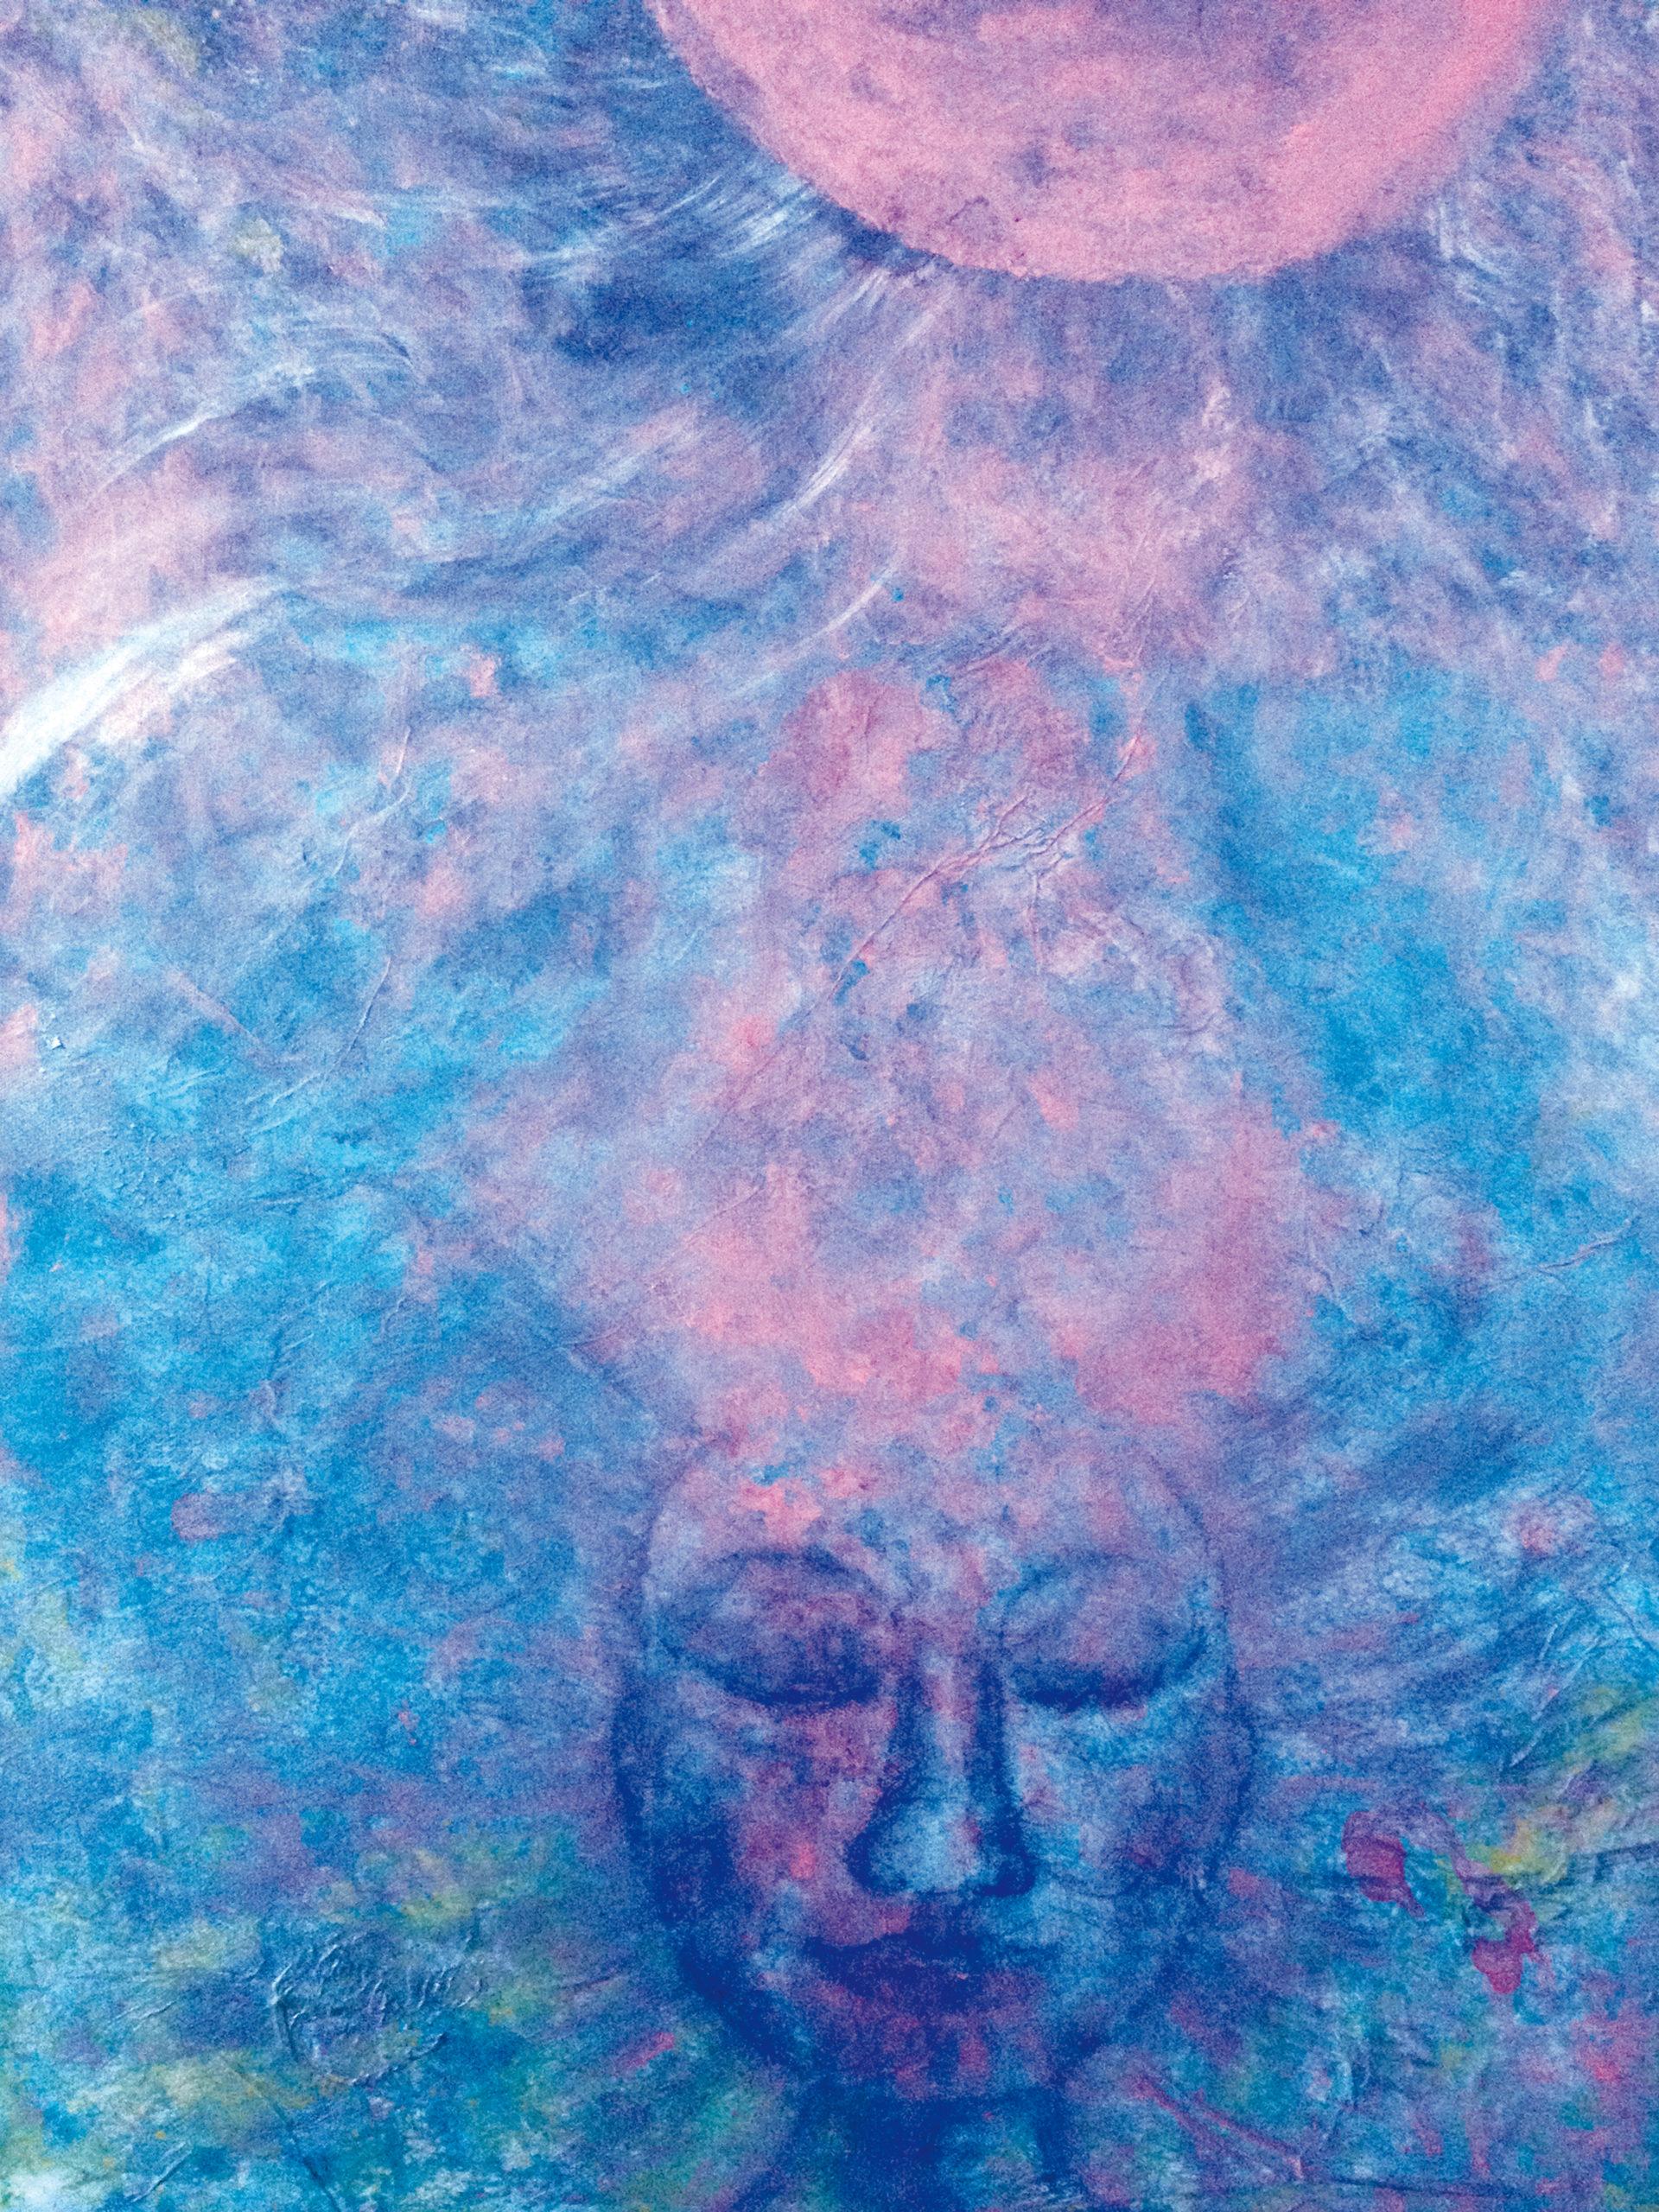 Meditation ist der Zustand des Seins